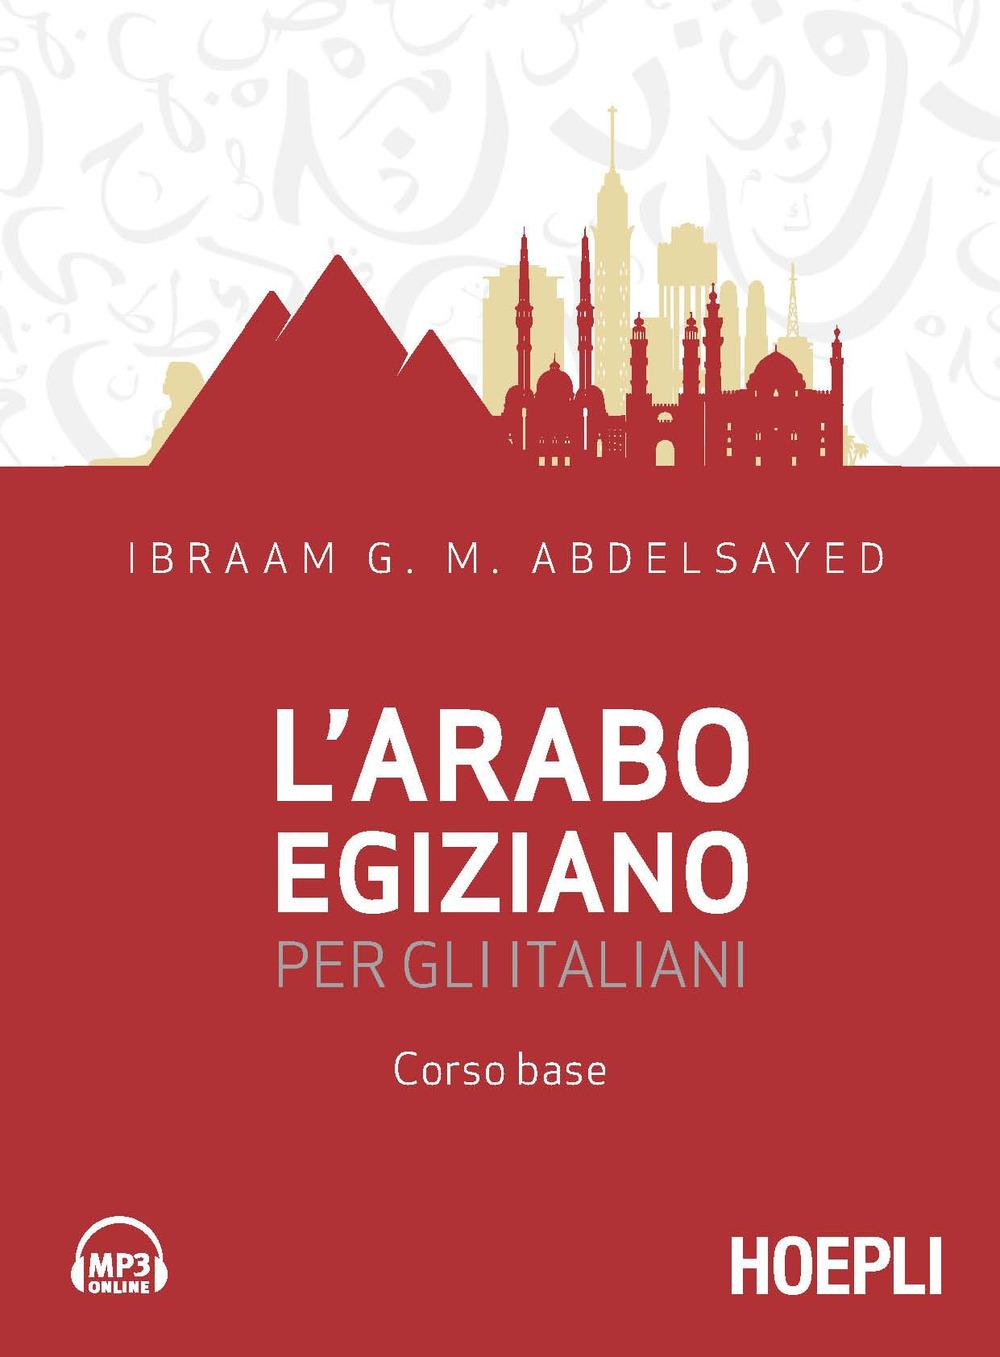 Libri Abdelsayed Ibraam G. M. - L' Arabo Egiziano Per Gli Italiani. Corso Base NUOVO SIGILLATO, EDIZIONE DEL 09/10/2020 SUBITO DISPONIBILE